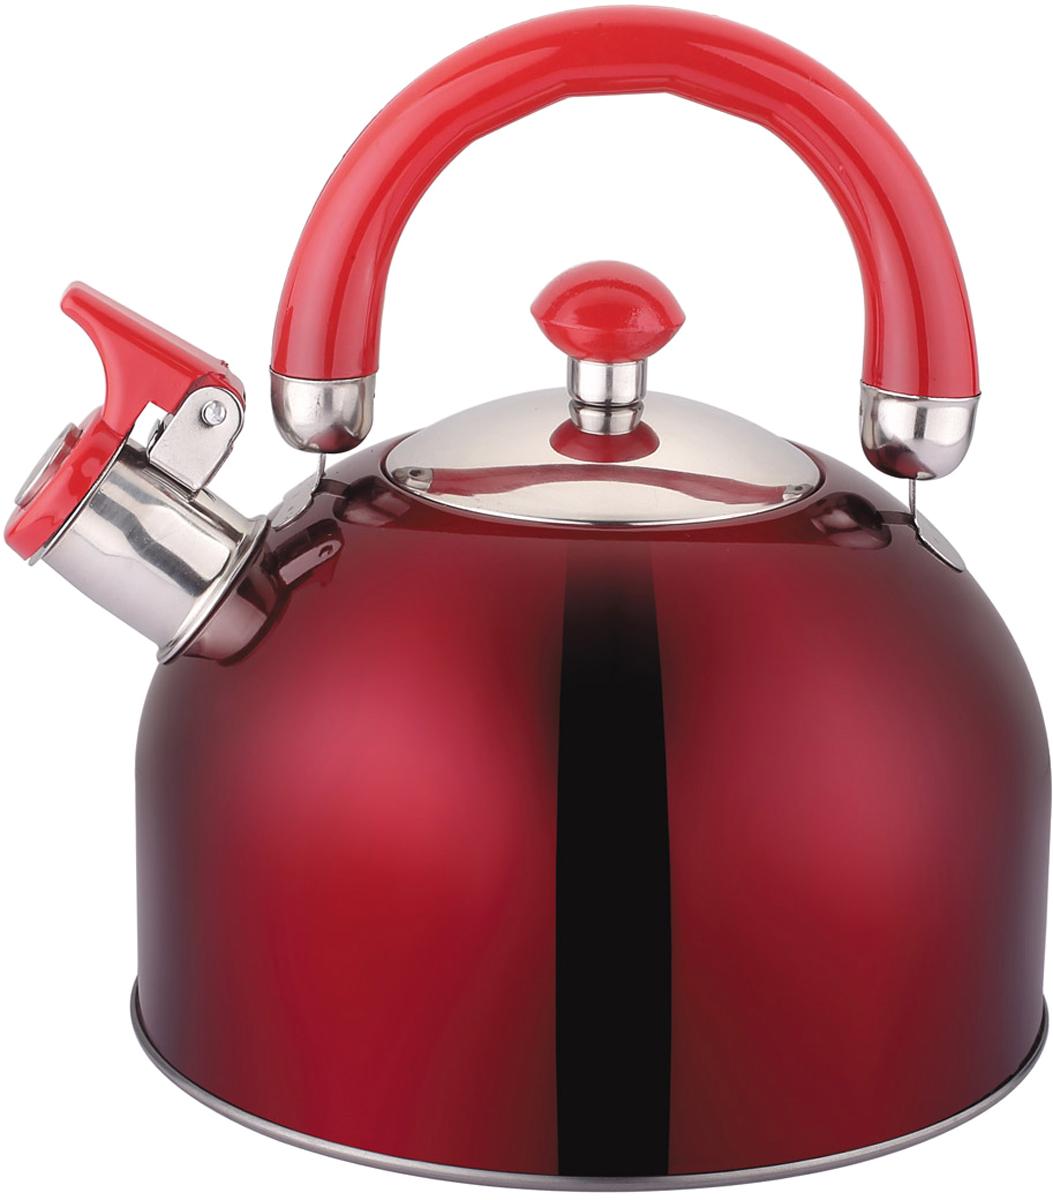 Чайник Appetite, со свистком, цвет: красный, 2,5 л. LKD-2025BLKD-2025RЧайник цвет красный объем 2,5 со свистком, материал: нерж. сталь, термокраска